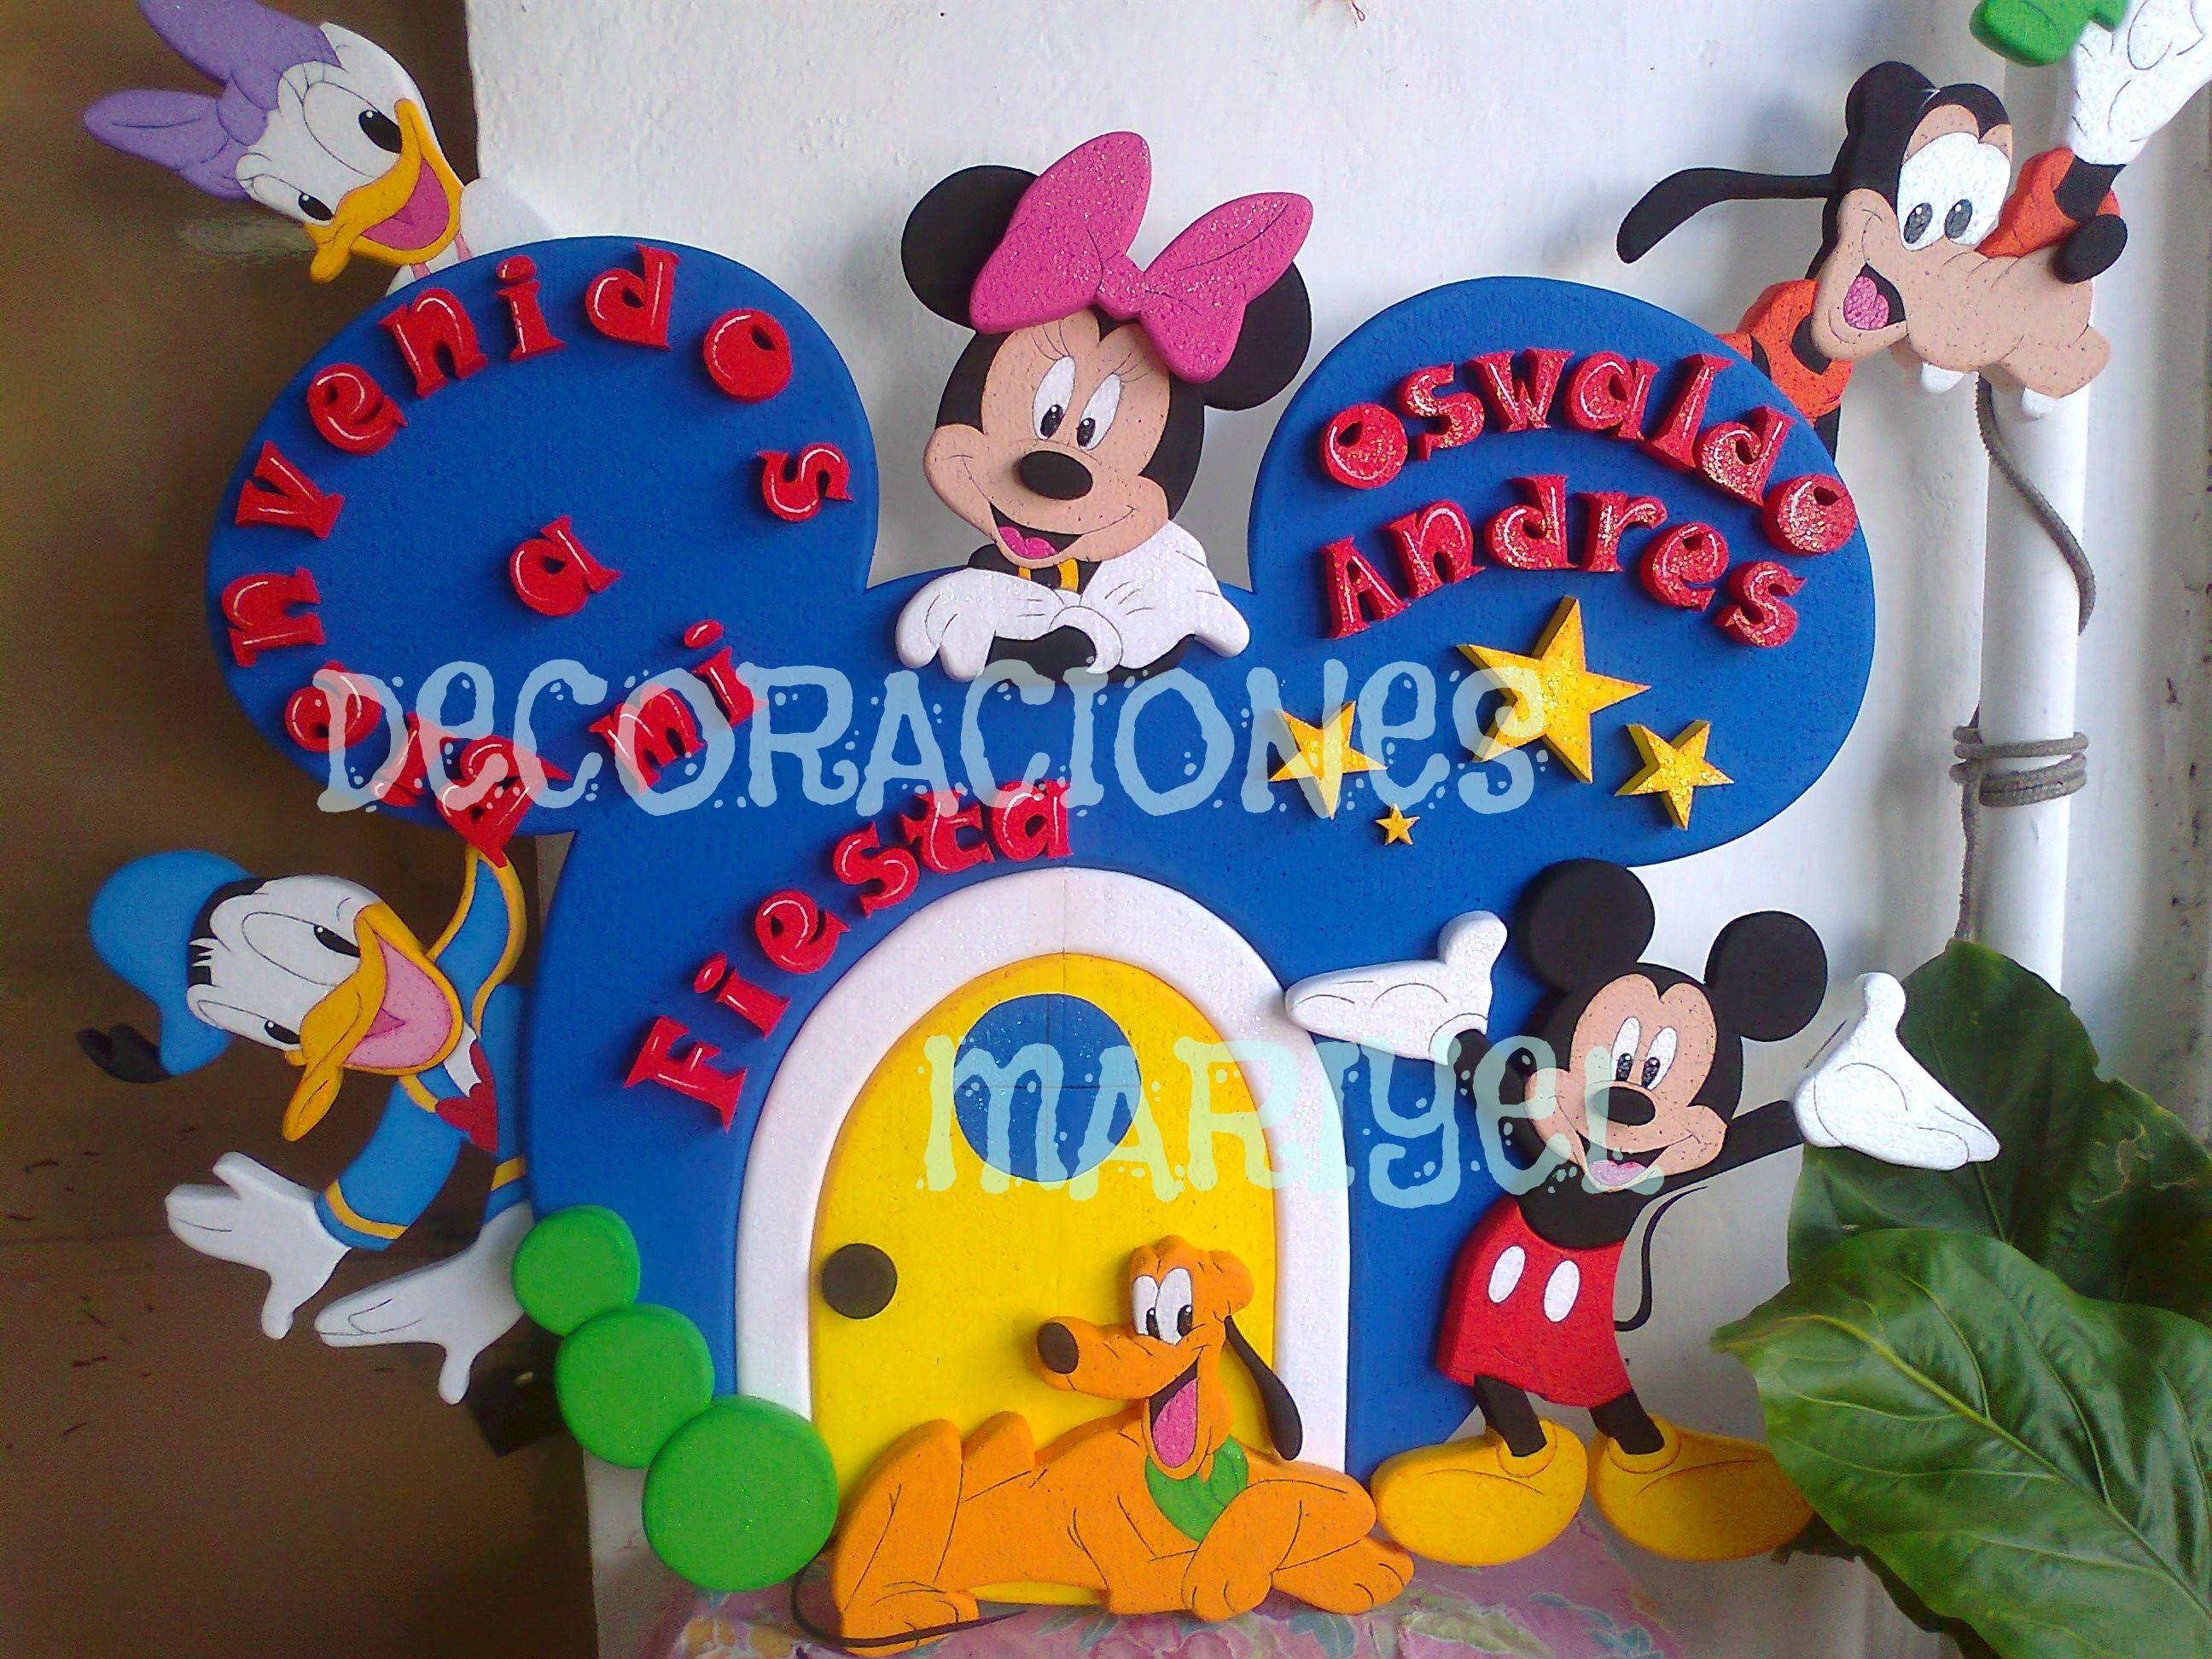 Decoraciones de marcos en anime para fiestas infantiles - Decoracion para fiestas infantiles mickey mouse ...